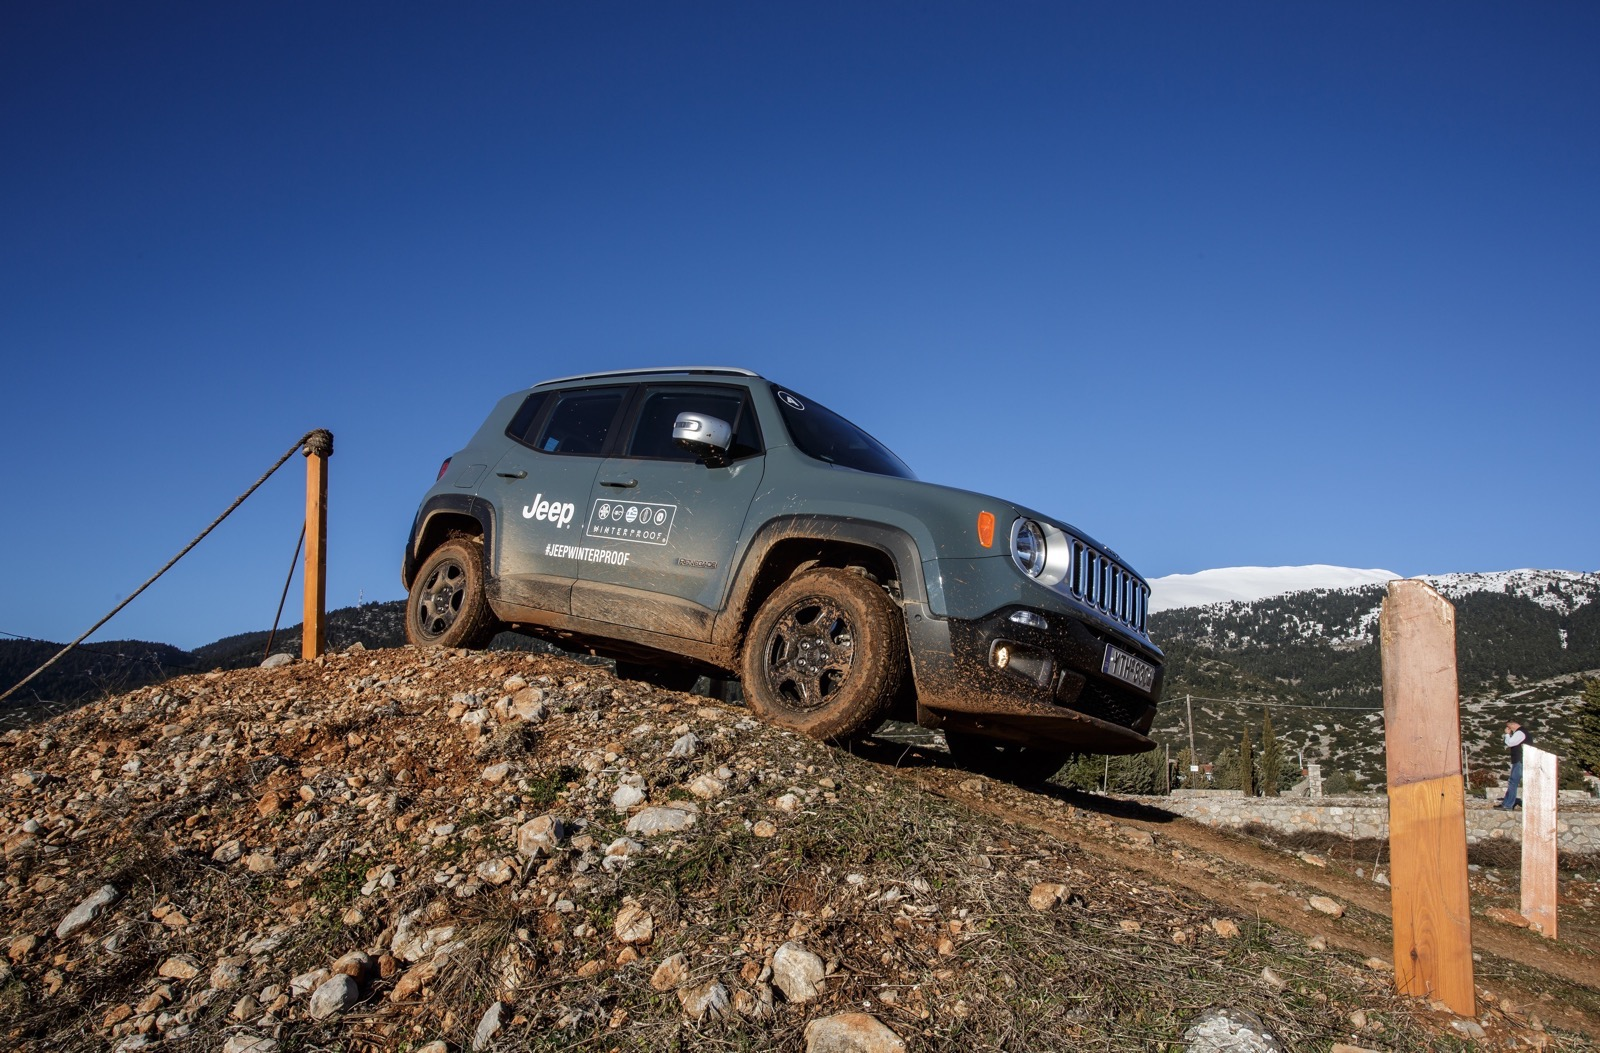 Jeep_Camp_Arahova_47